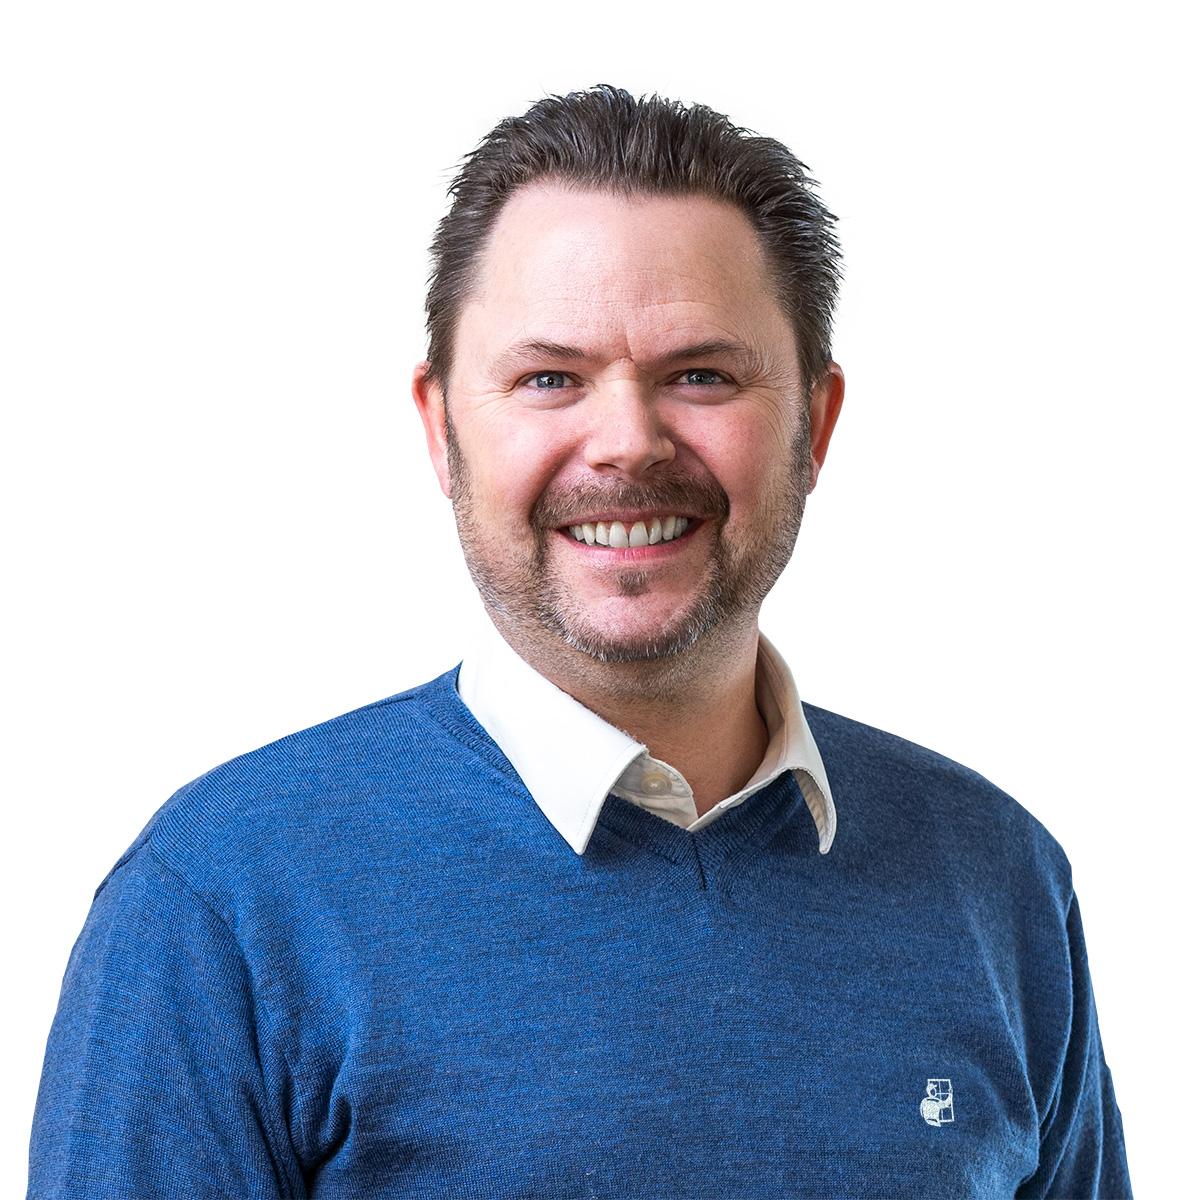 Anders Korsgren